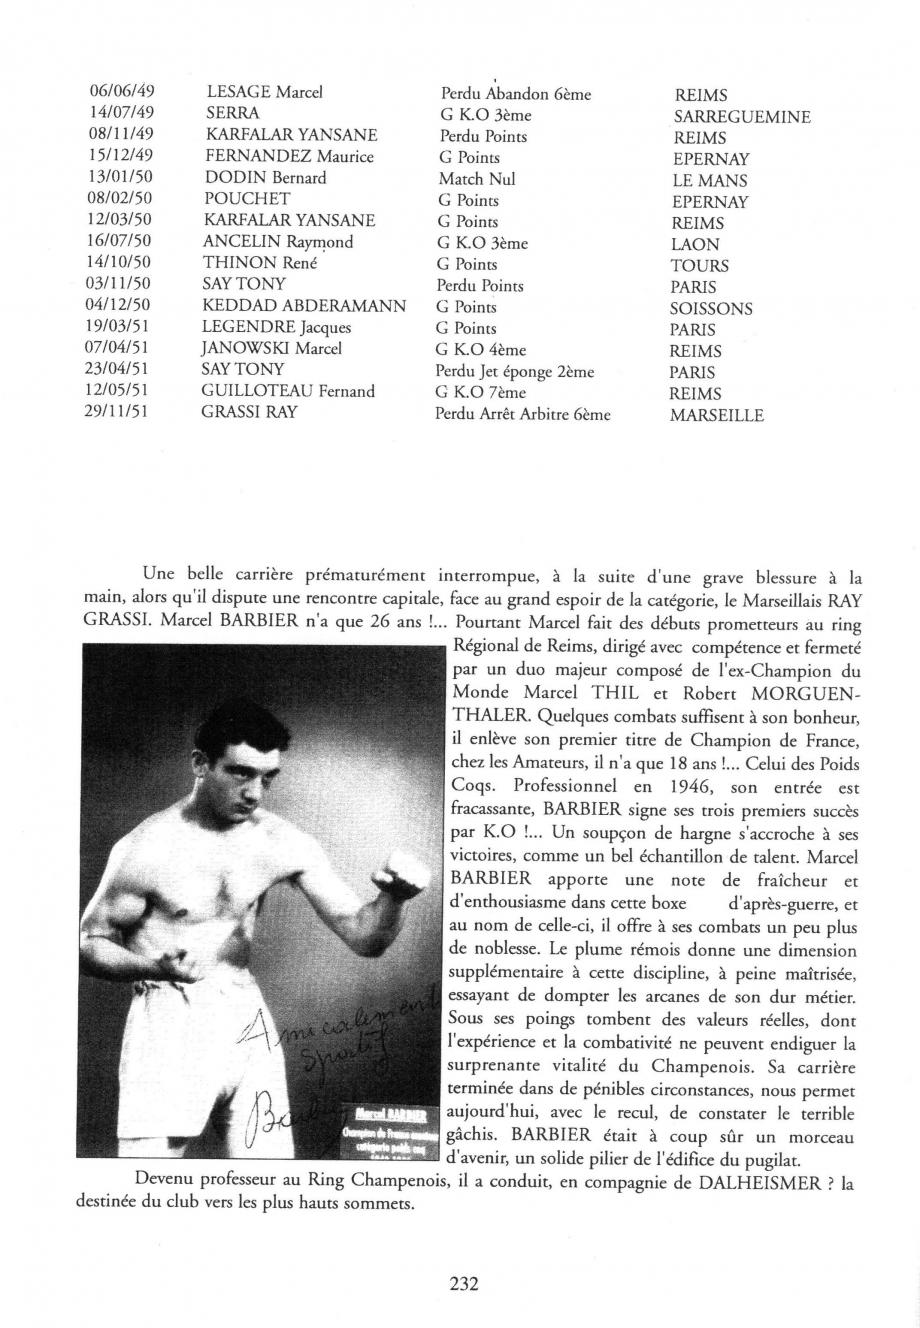 Marcel BARBIER - Palmarès boxeur page 2.jpg